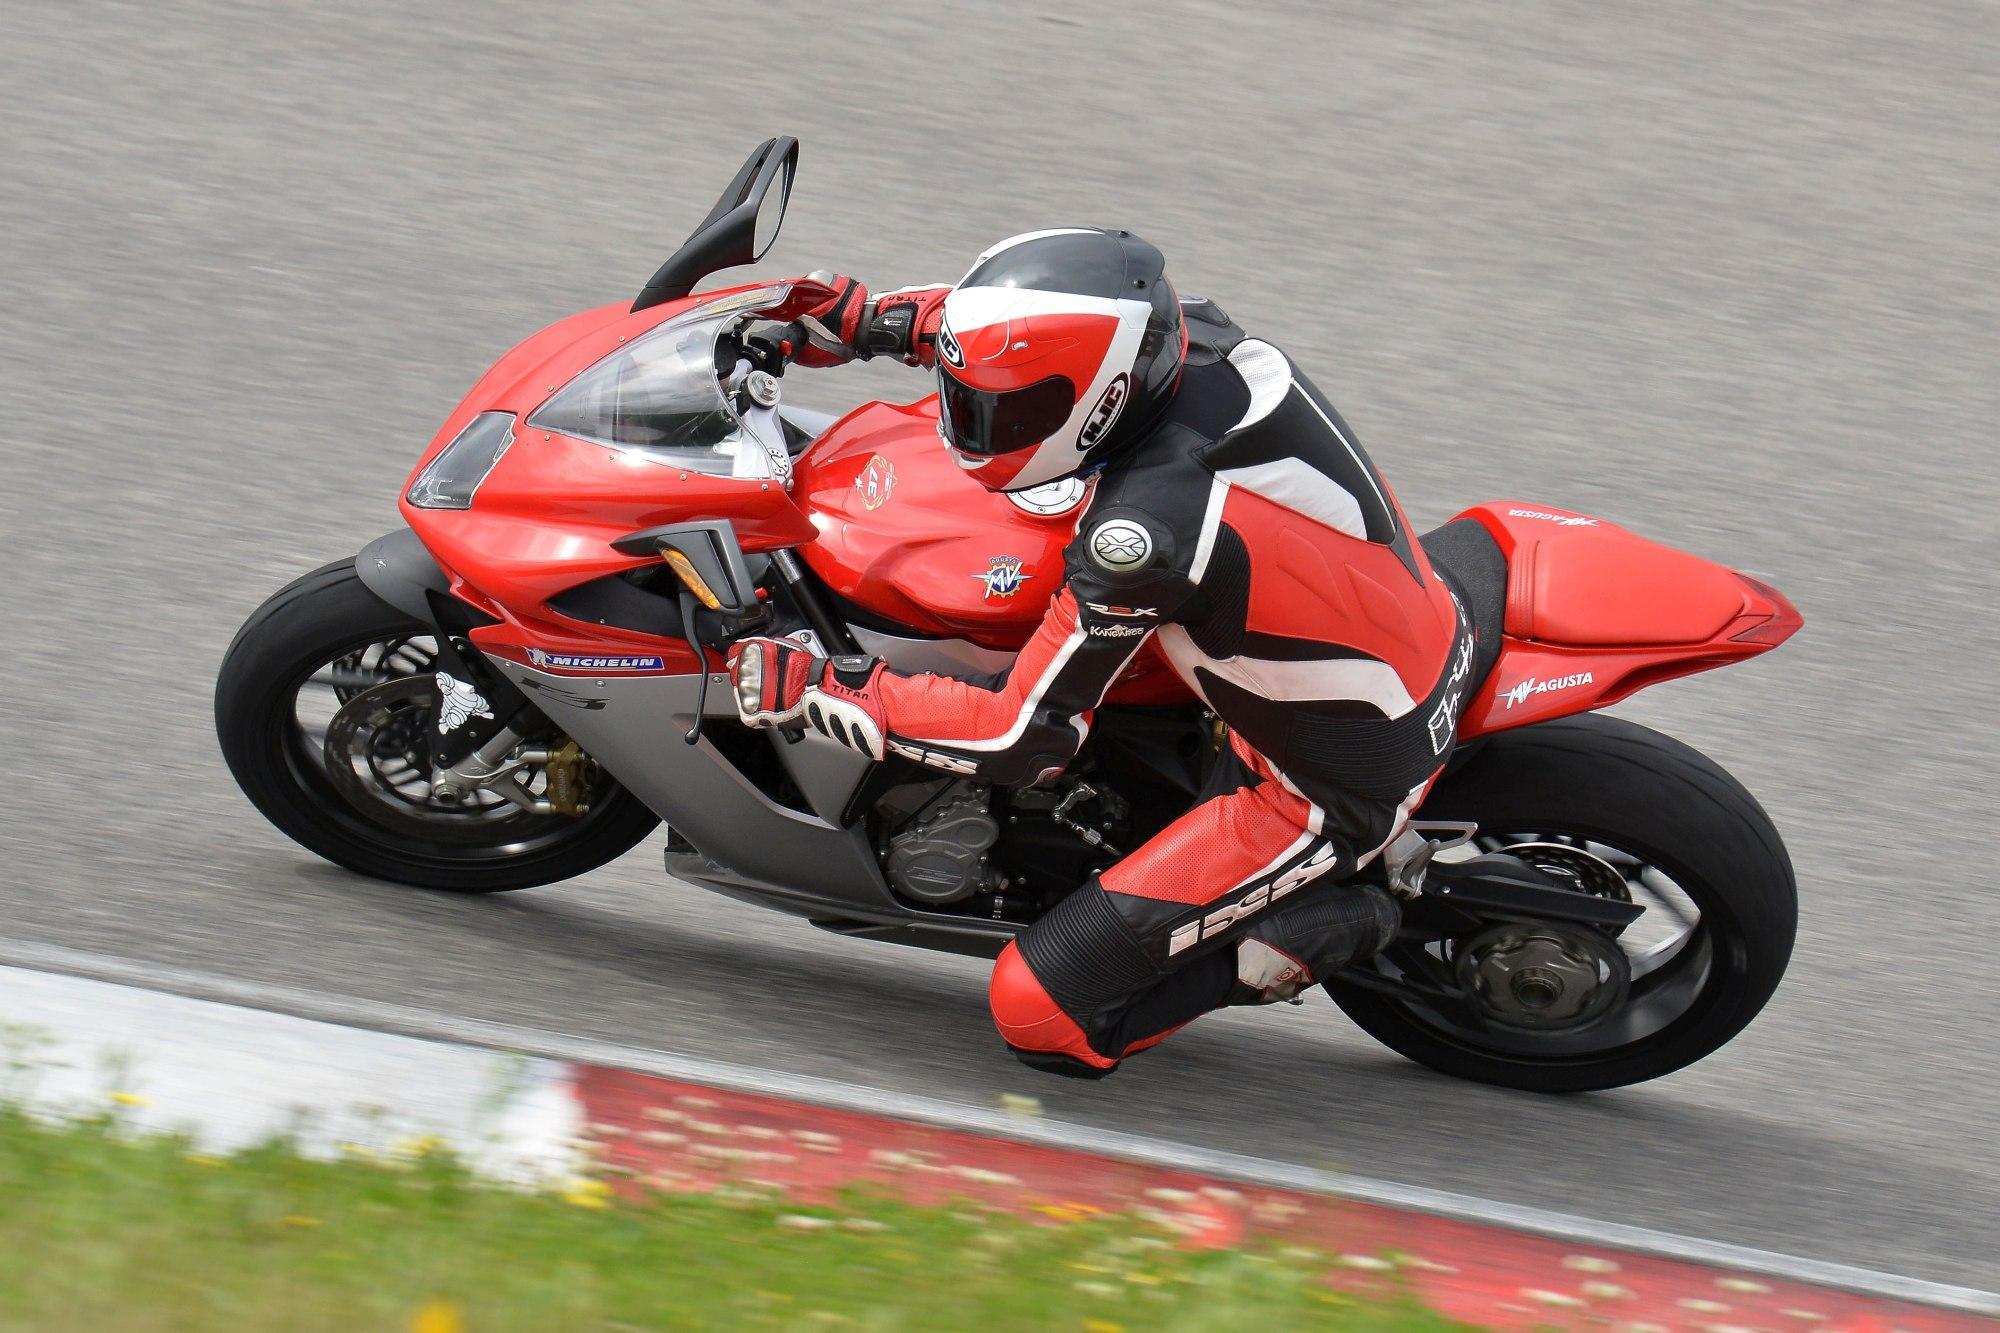 http://www.motorrad-bilder.at/slideshows/291/009240/23.jpg